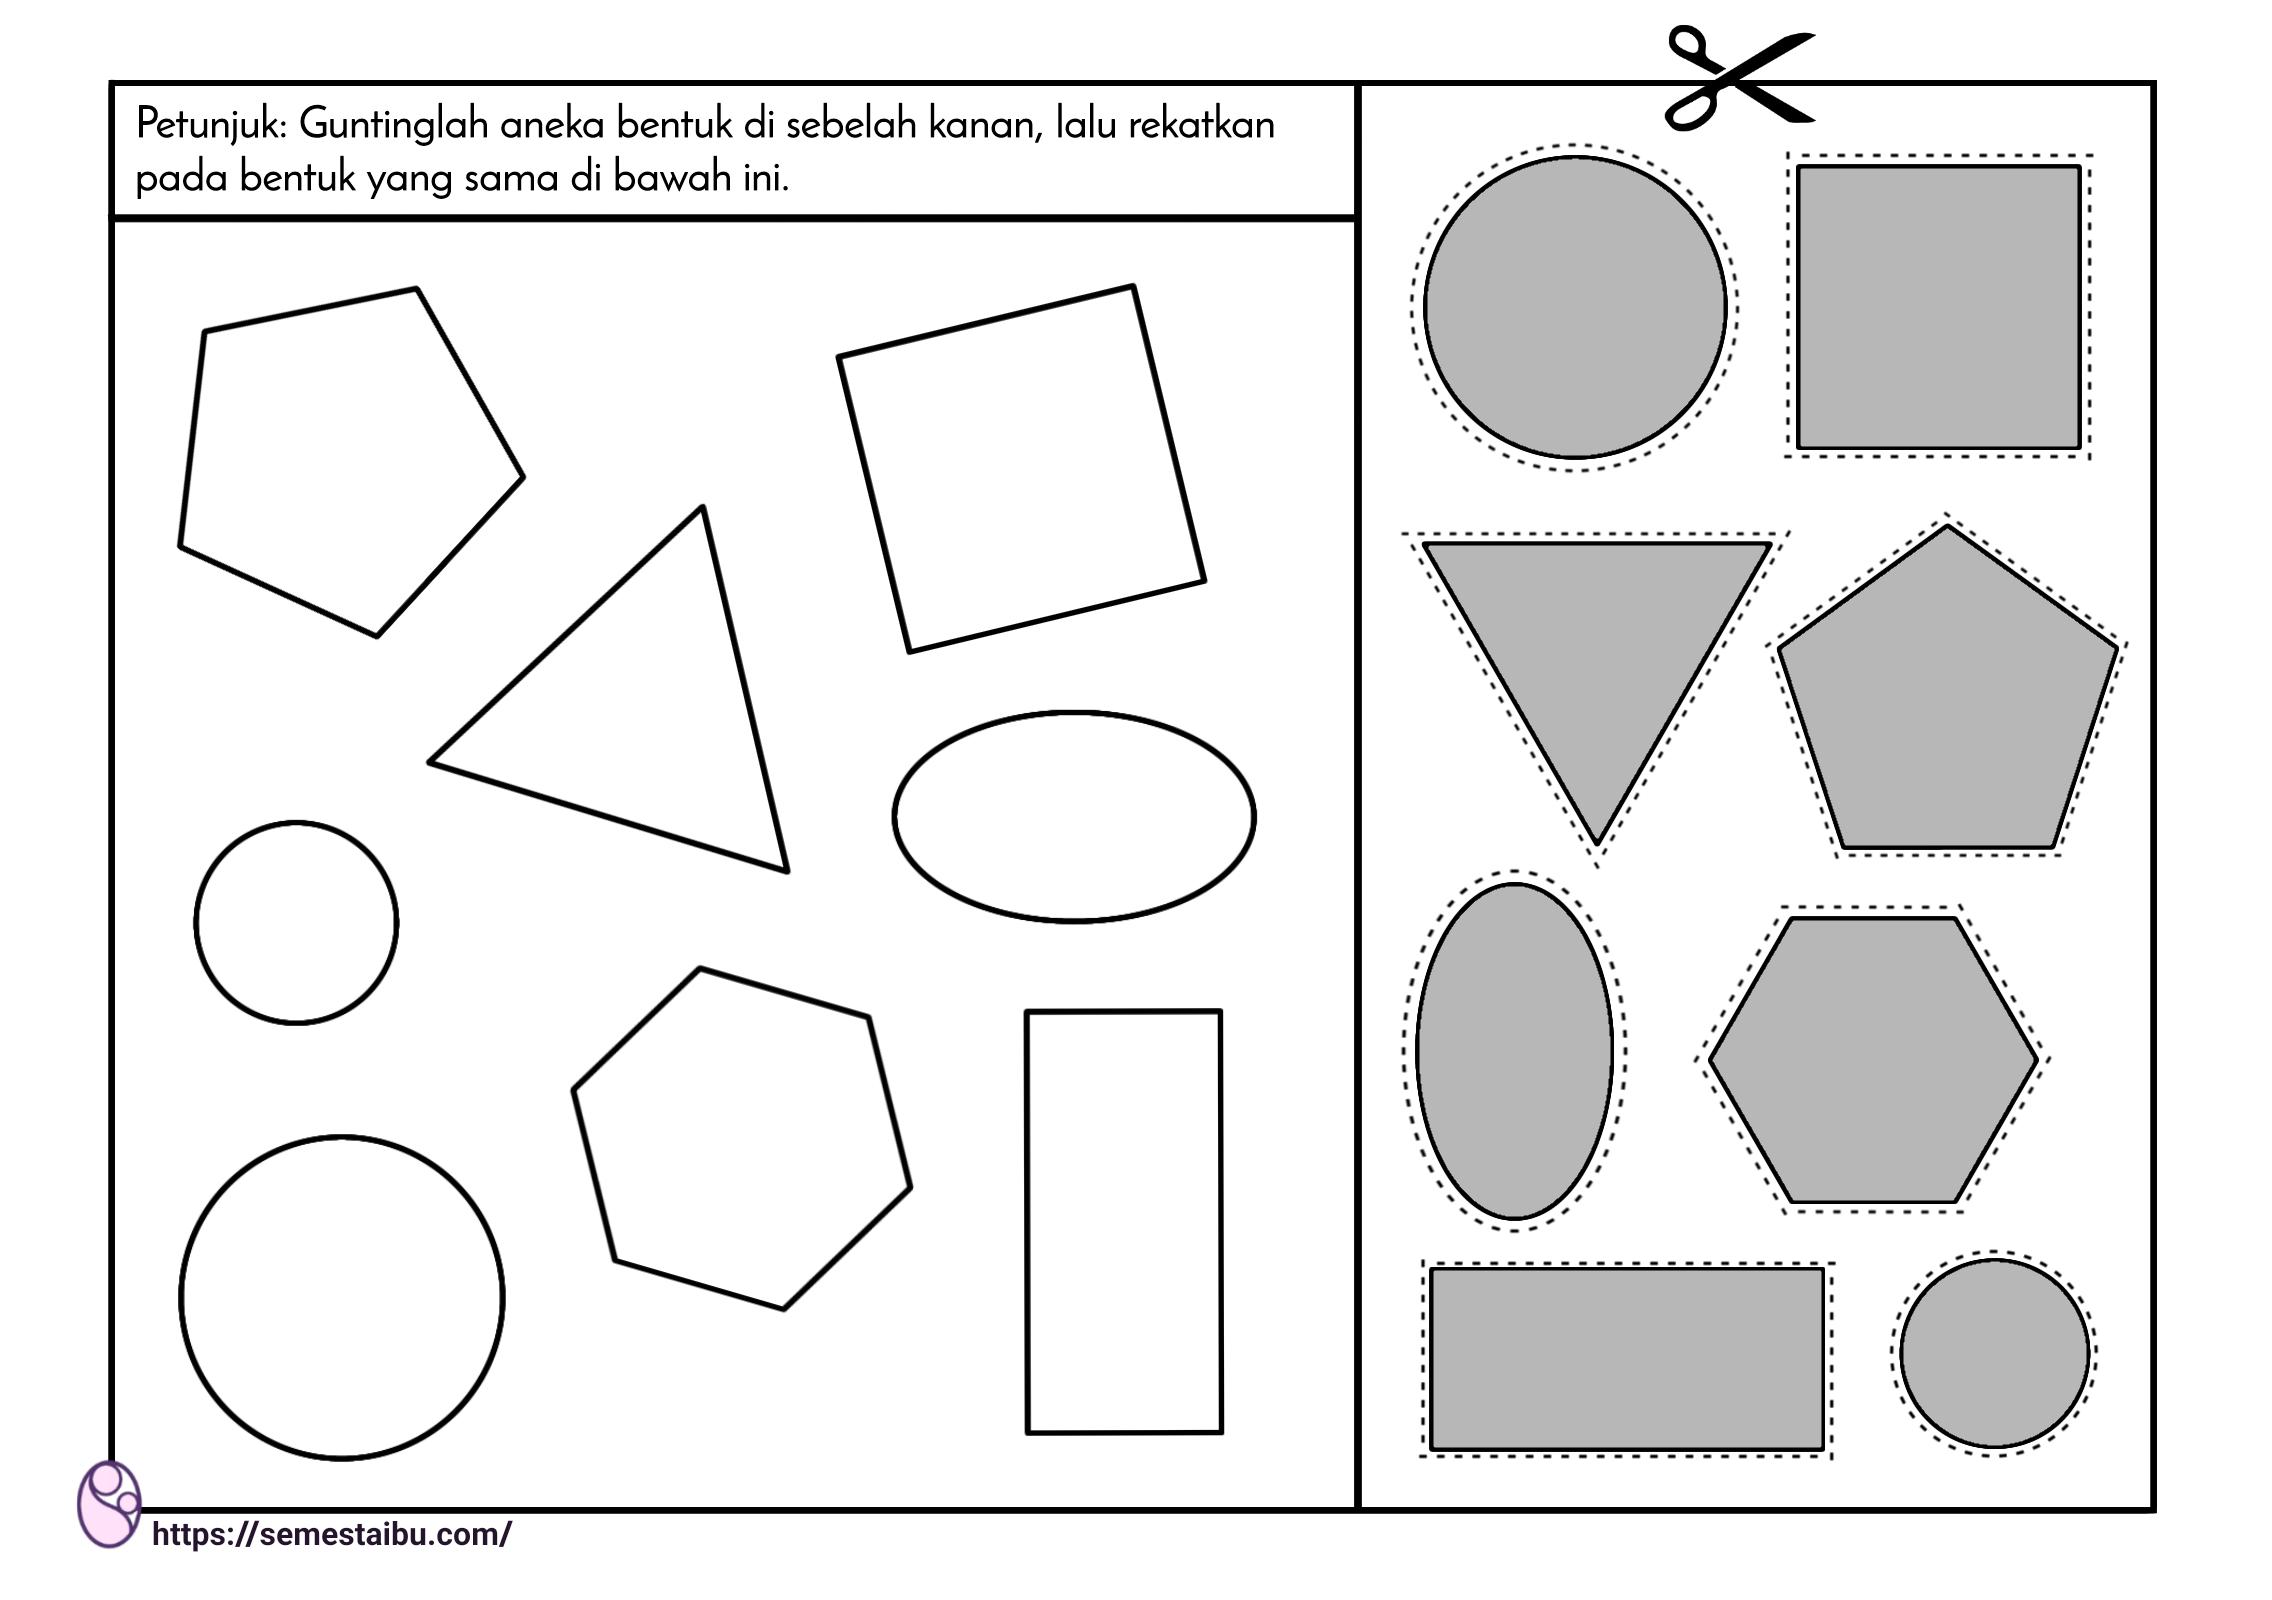 lembar kerja anak - gunting tempel bentuk geometri